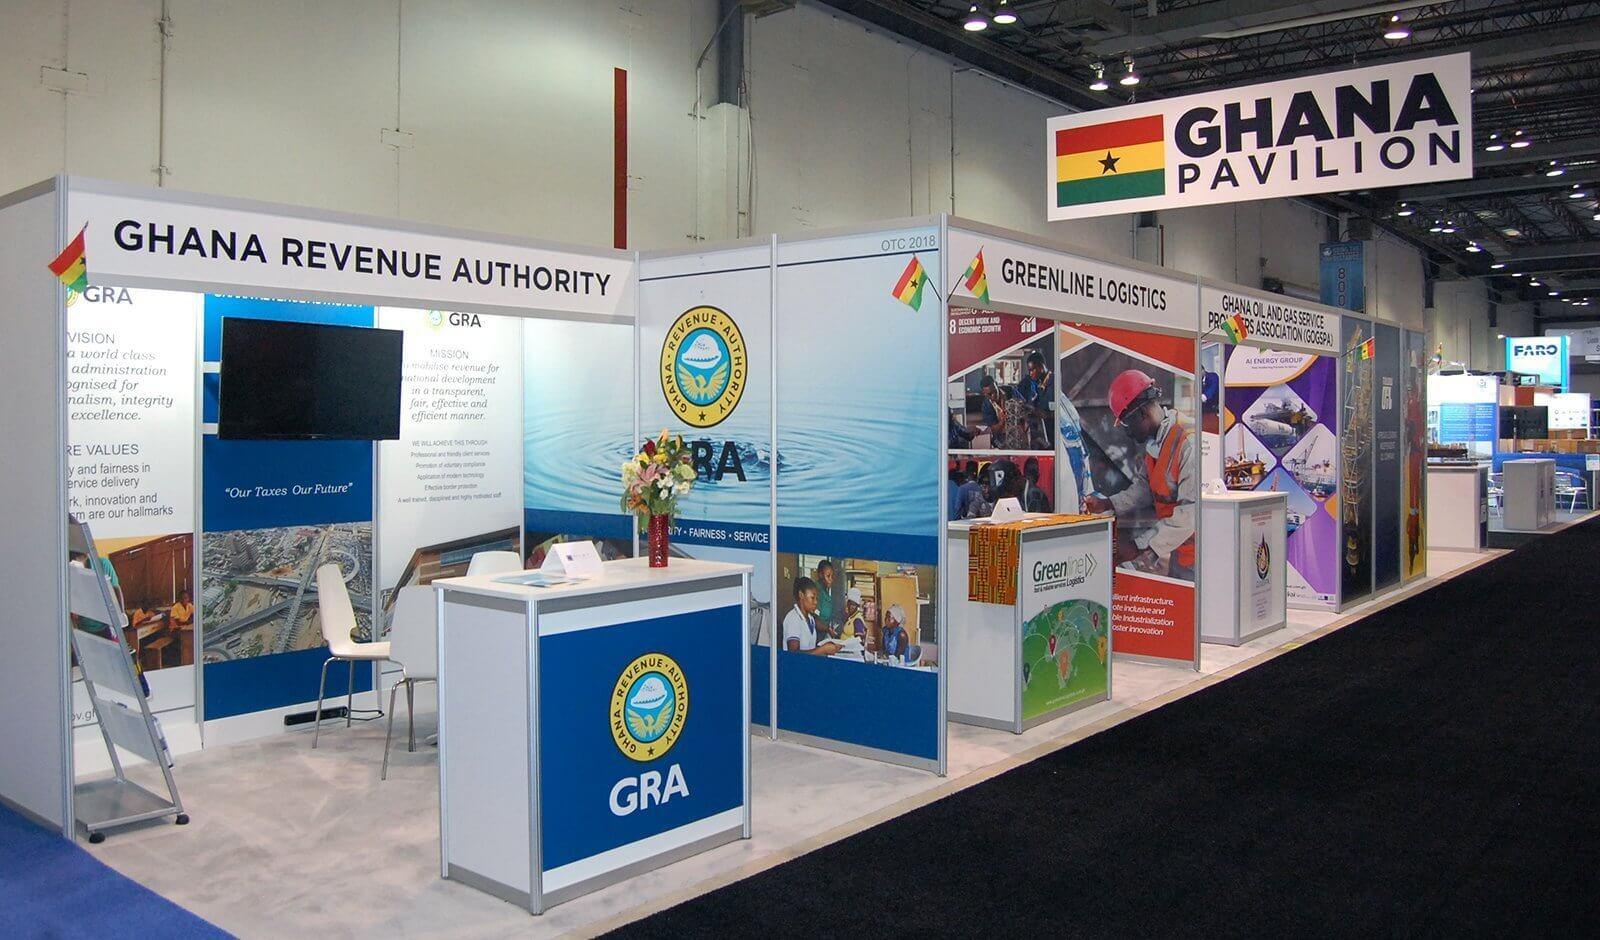 Ghana Pavilion